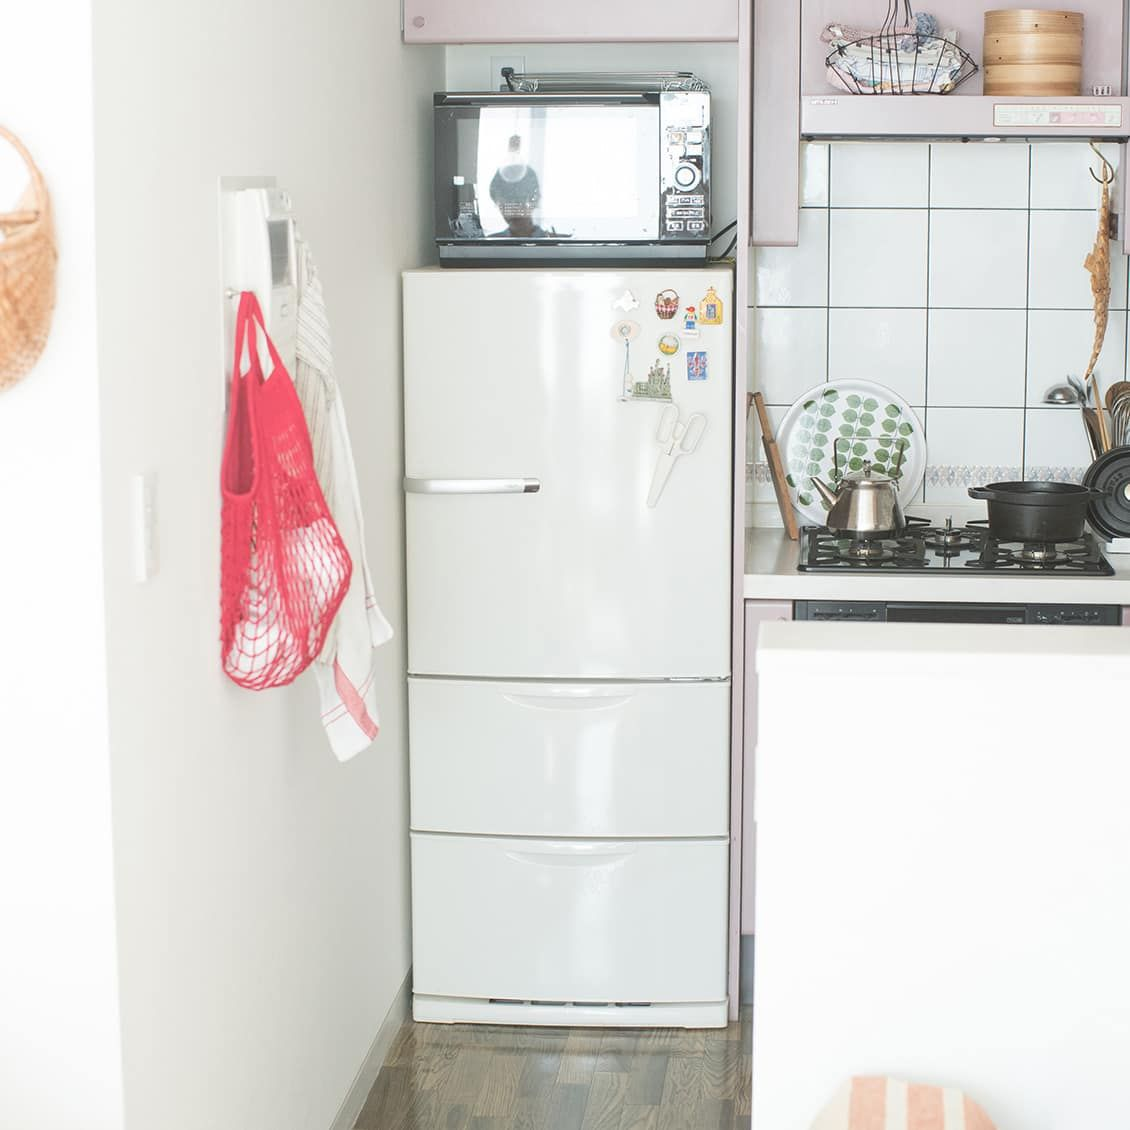 冷蔵庫掃除は 今がオススメ 簡単スッキリな3ステップ 冷蔵庫 掃除 掃除 冷蔵庫